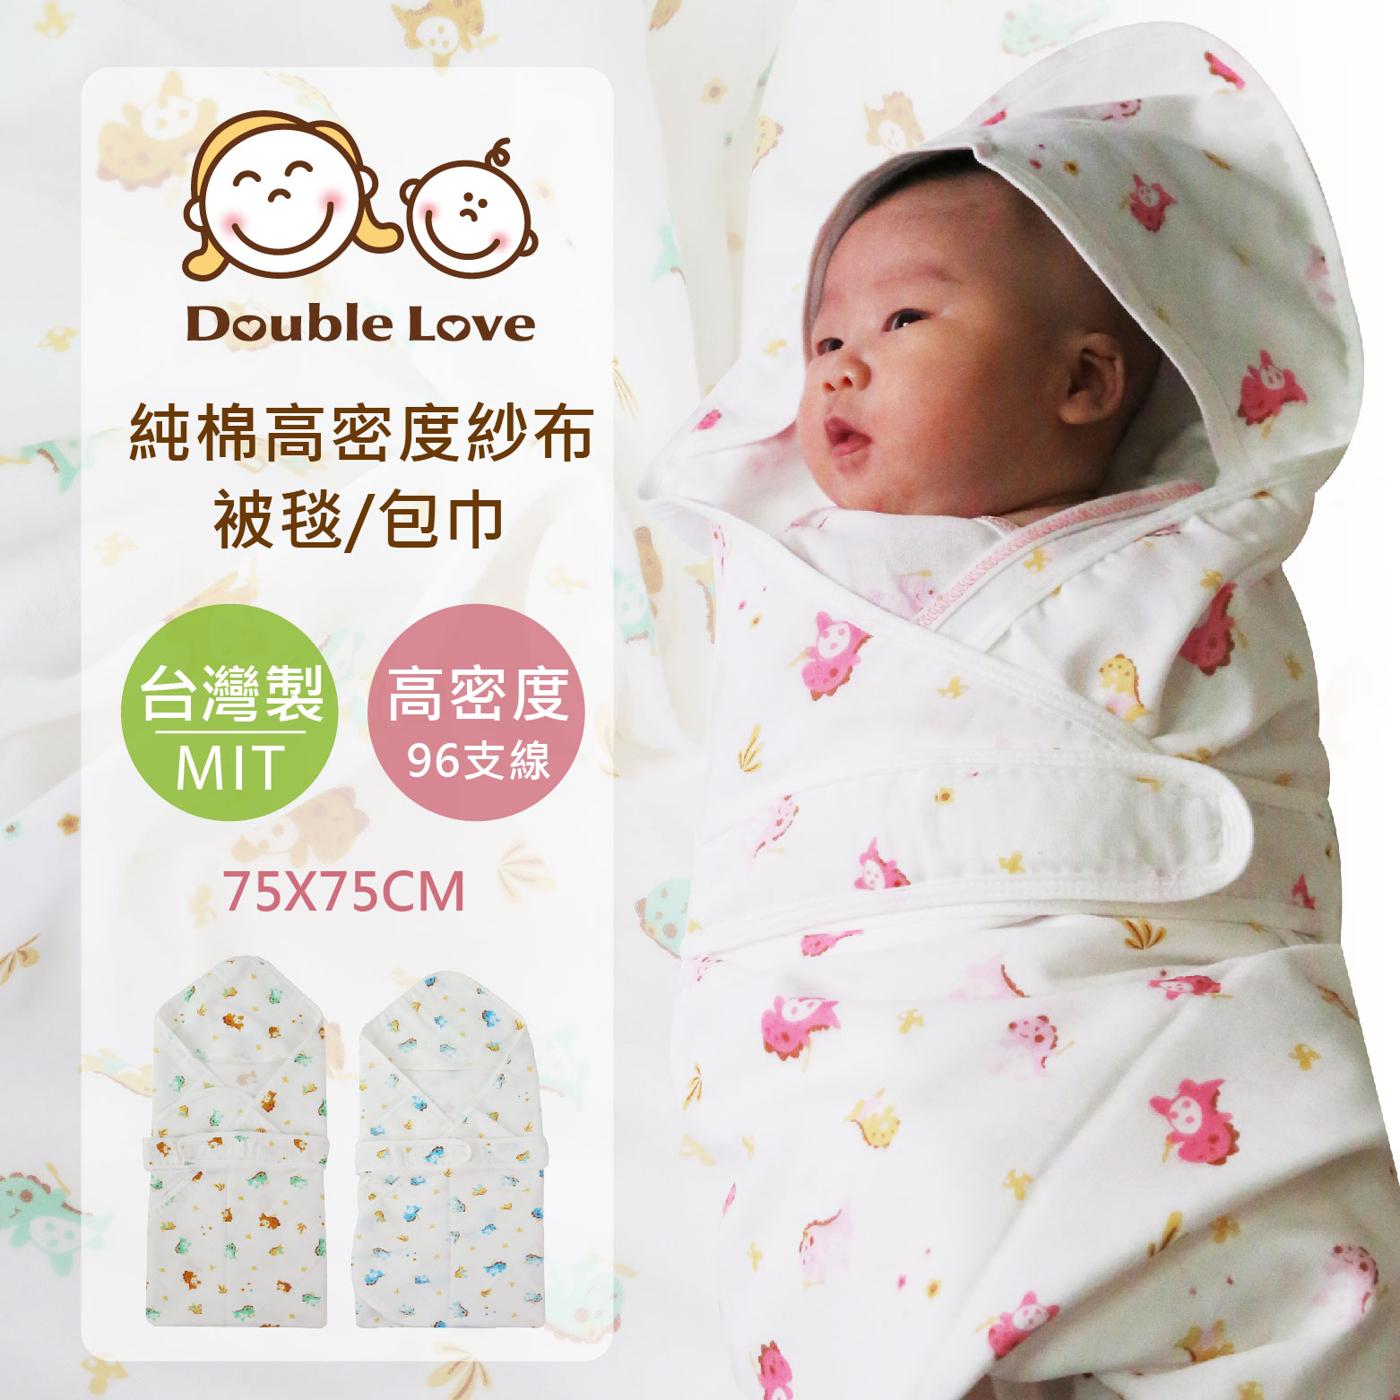 台灣製造 嬰兒包巾 紗布包巾(附束帶)高密度三層紗布浴巾 新生兒 抱毯 嬰兒睡袋 紗布衣【JA0083】